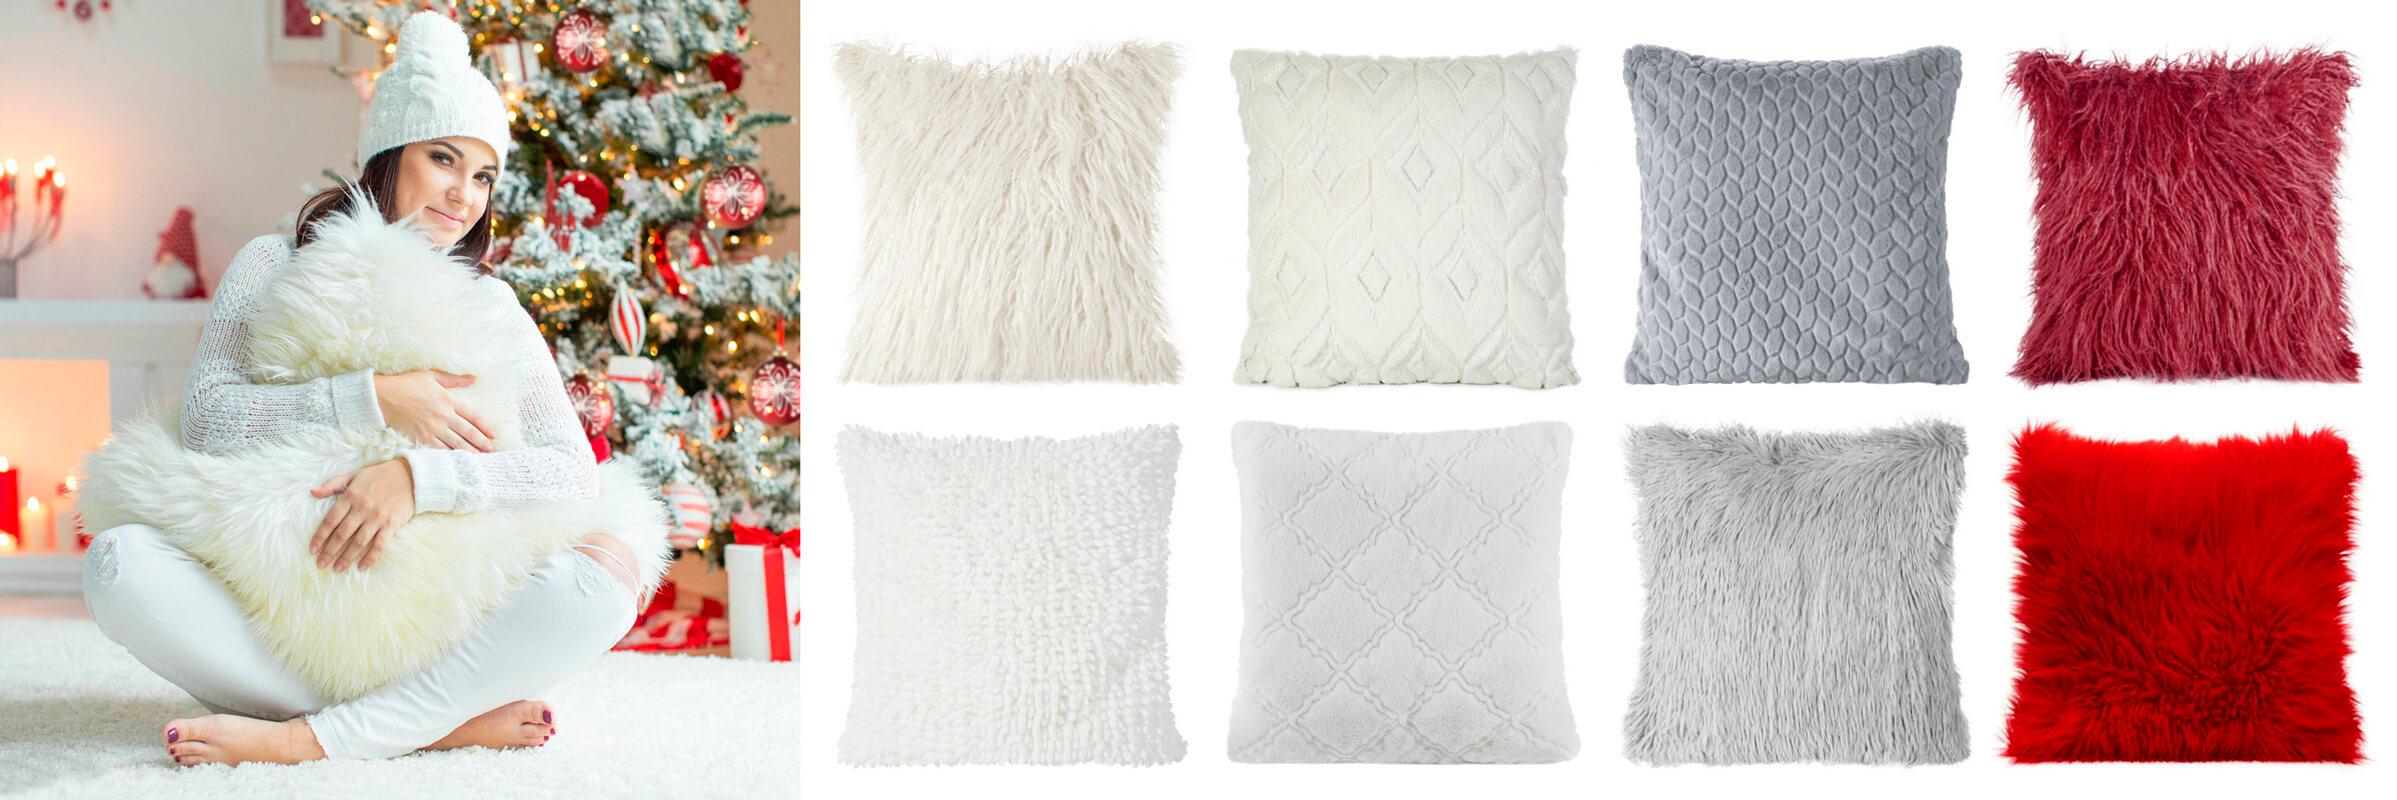 poduszki mile w dotyku